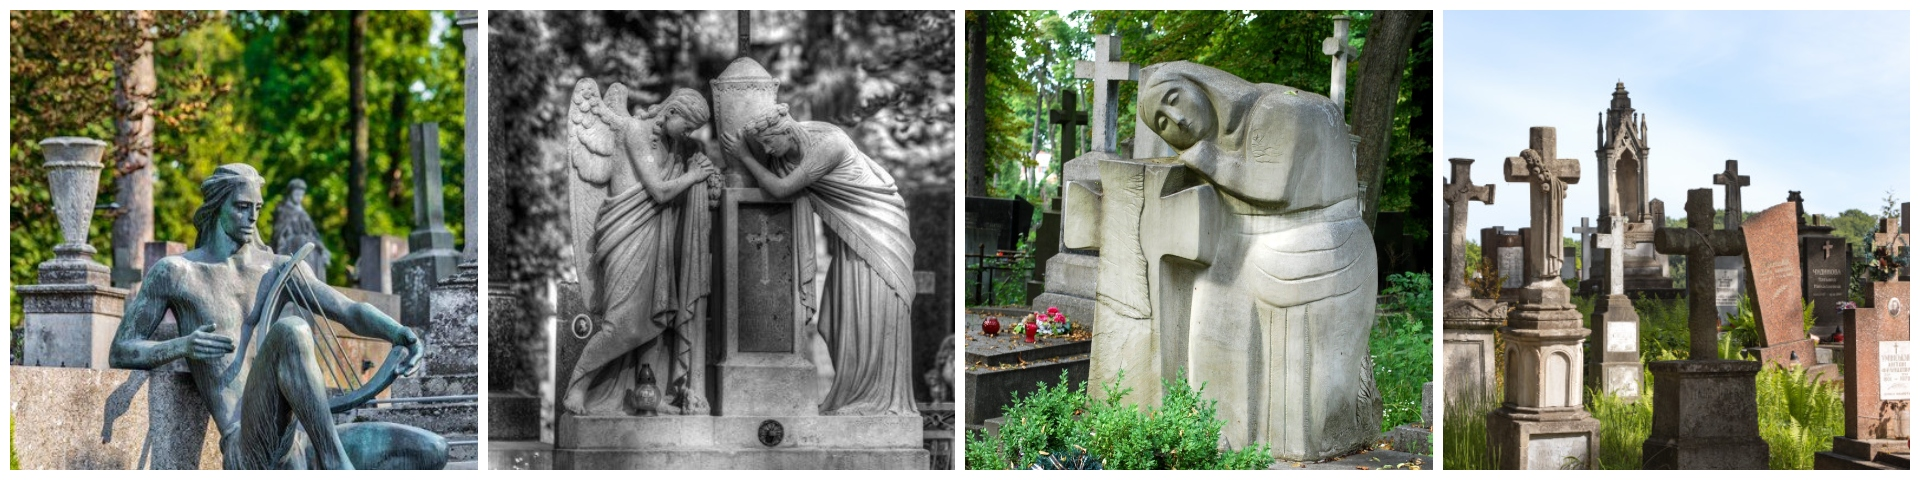 قبرستان لیچاکیو